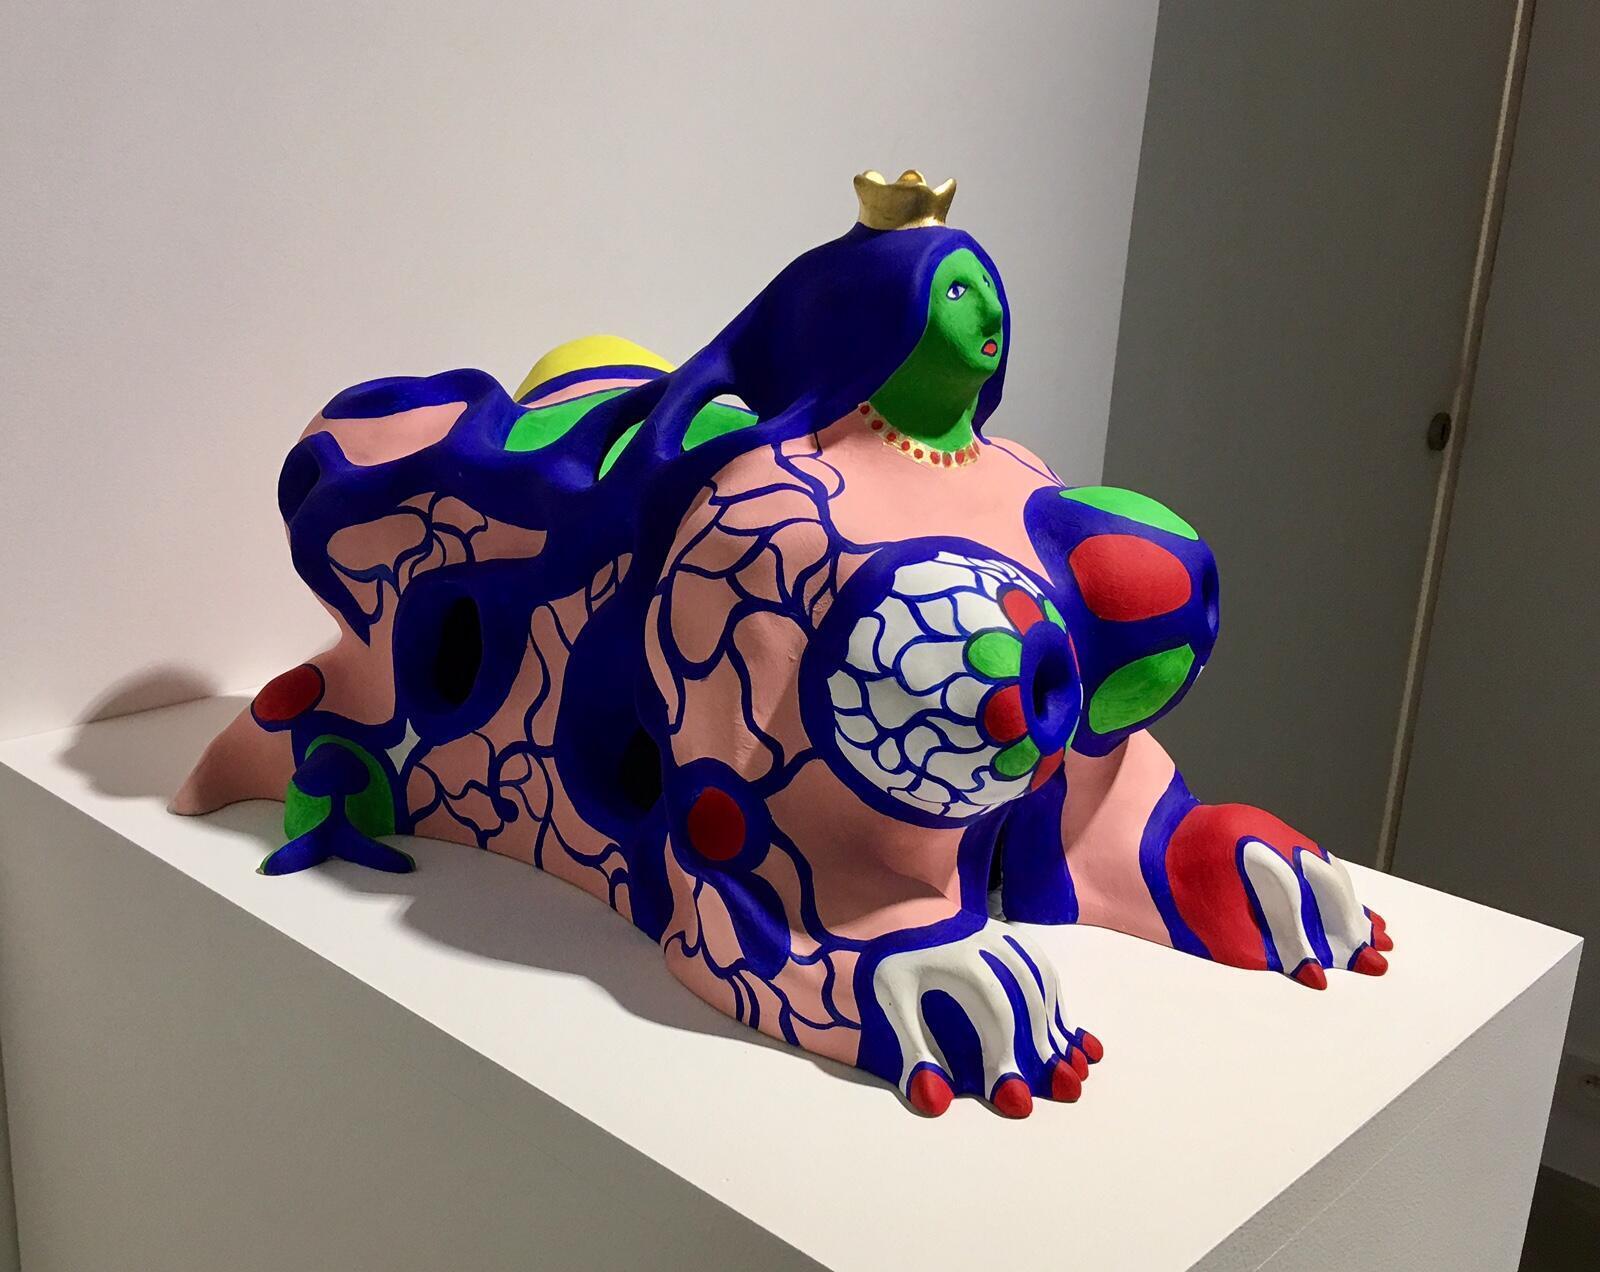 В галерее Валуа в шестом округе Парижа по 21 октября 2017 года выставлены работы Ники де Сен-Фалль.